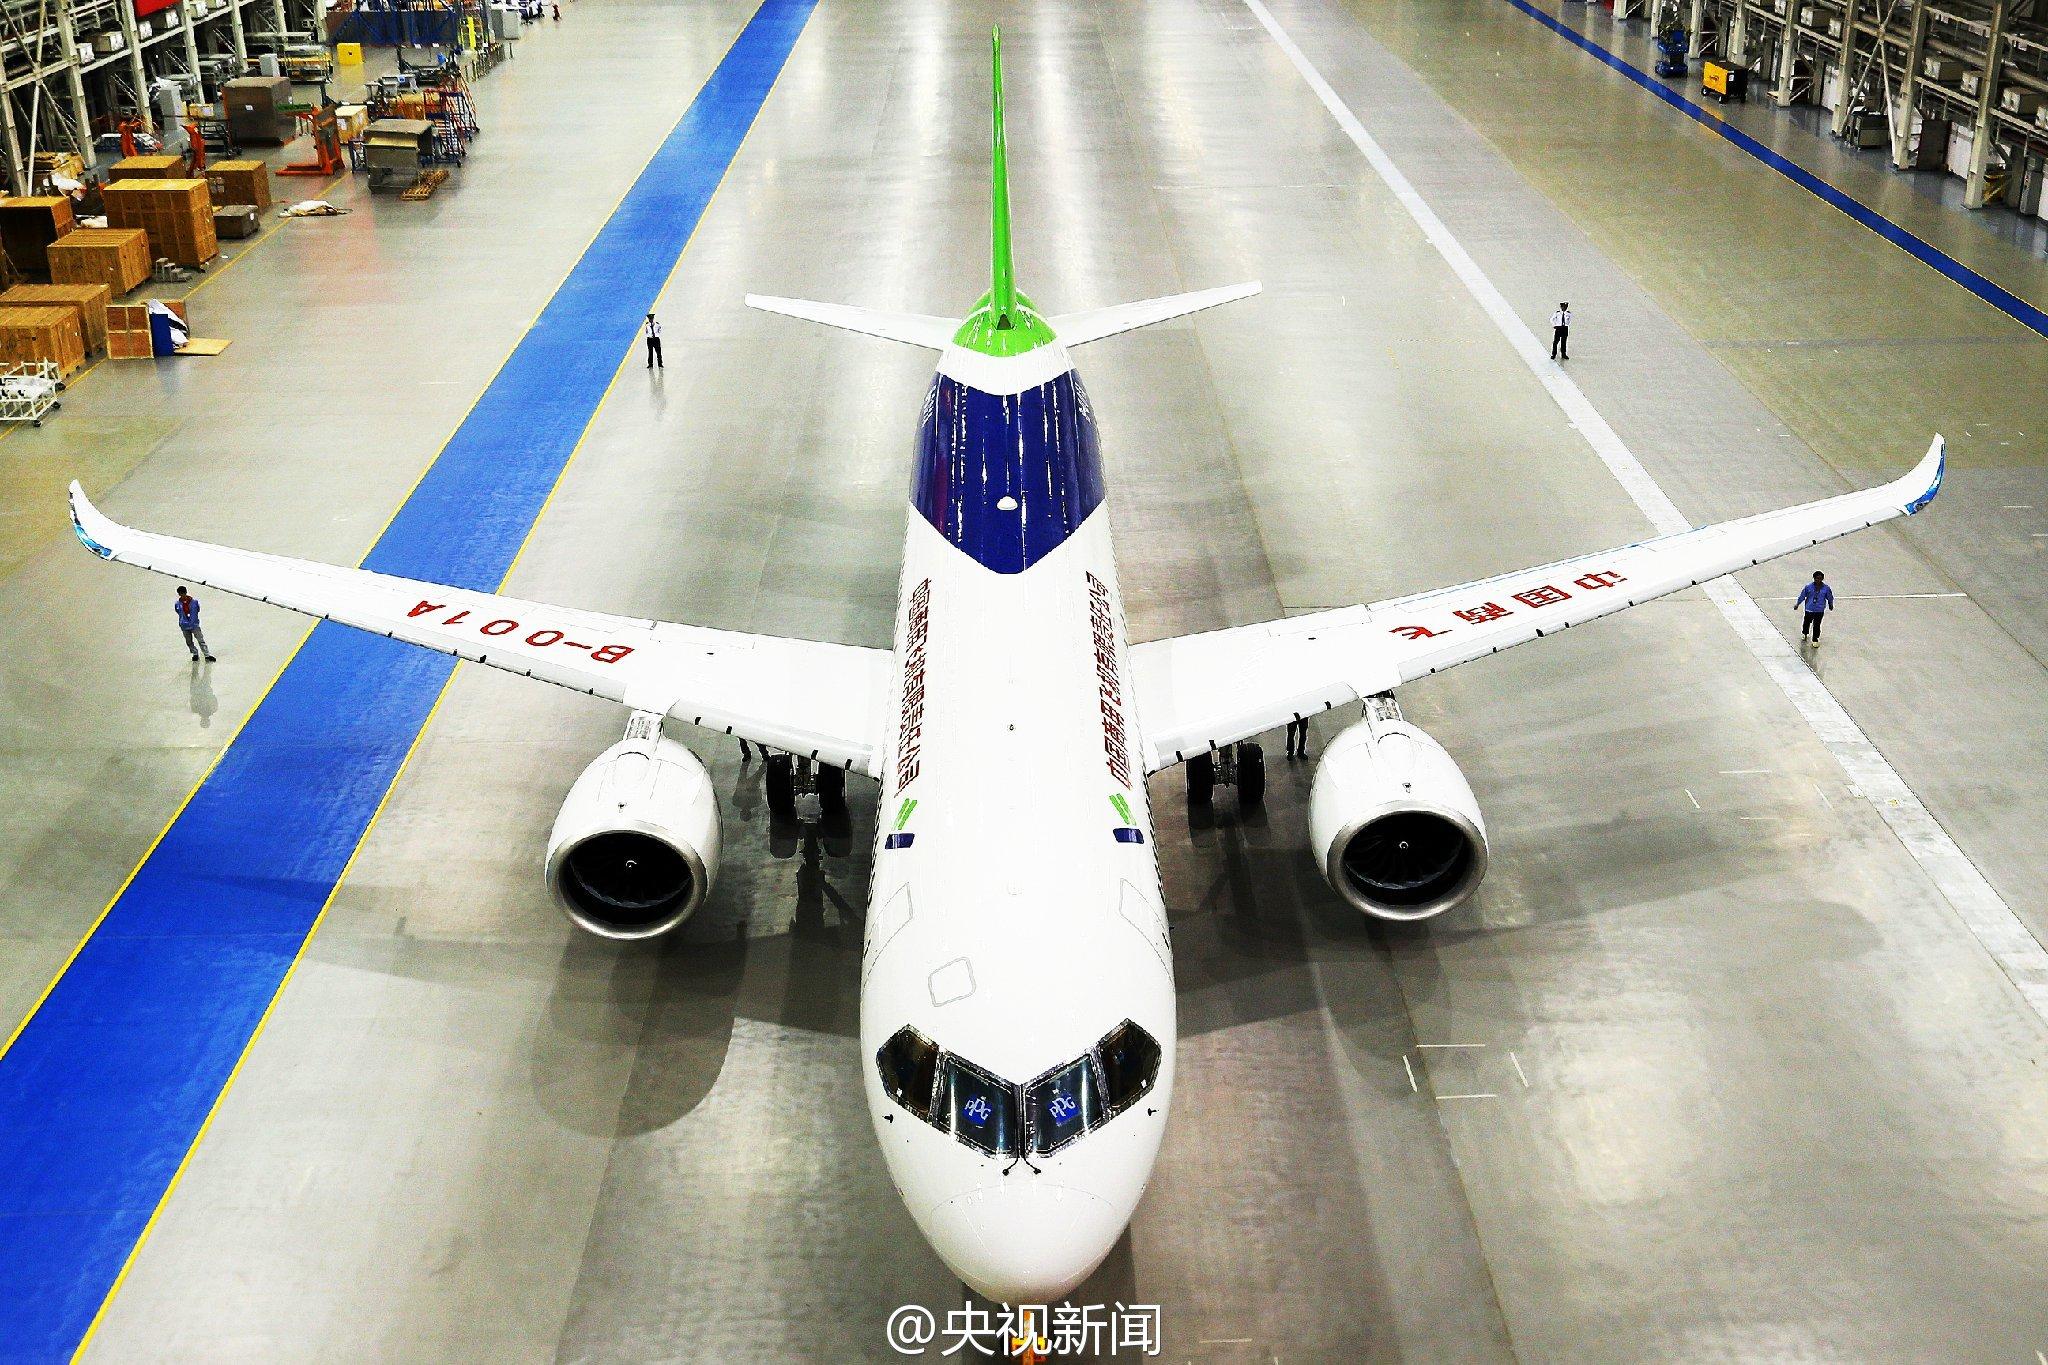 实拍国产大飞机c919总装下线 布局168座位